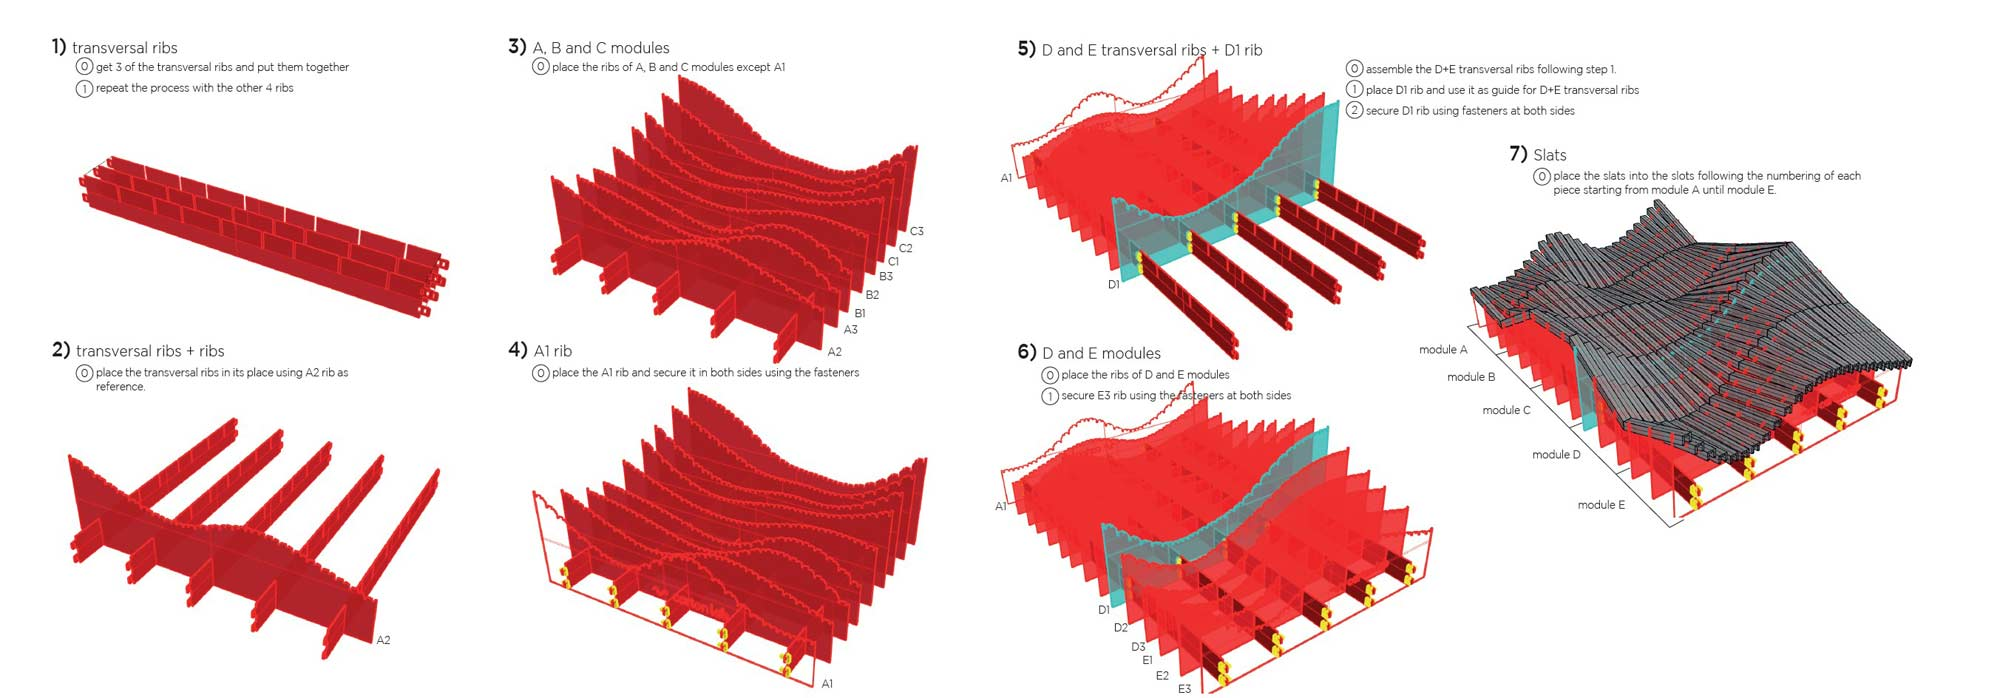 secuencia de montaje de instalación en carton